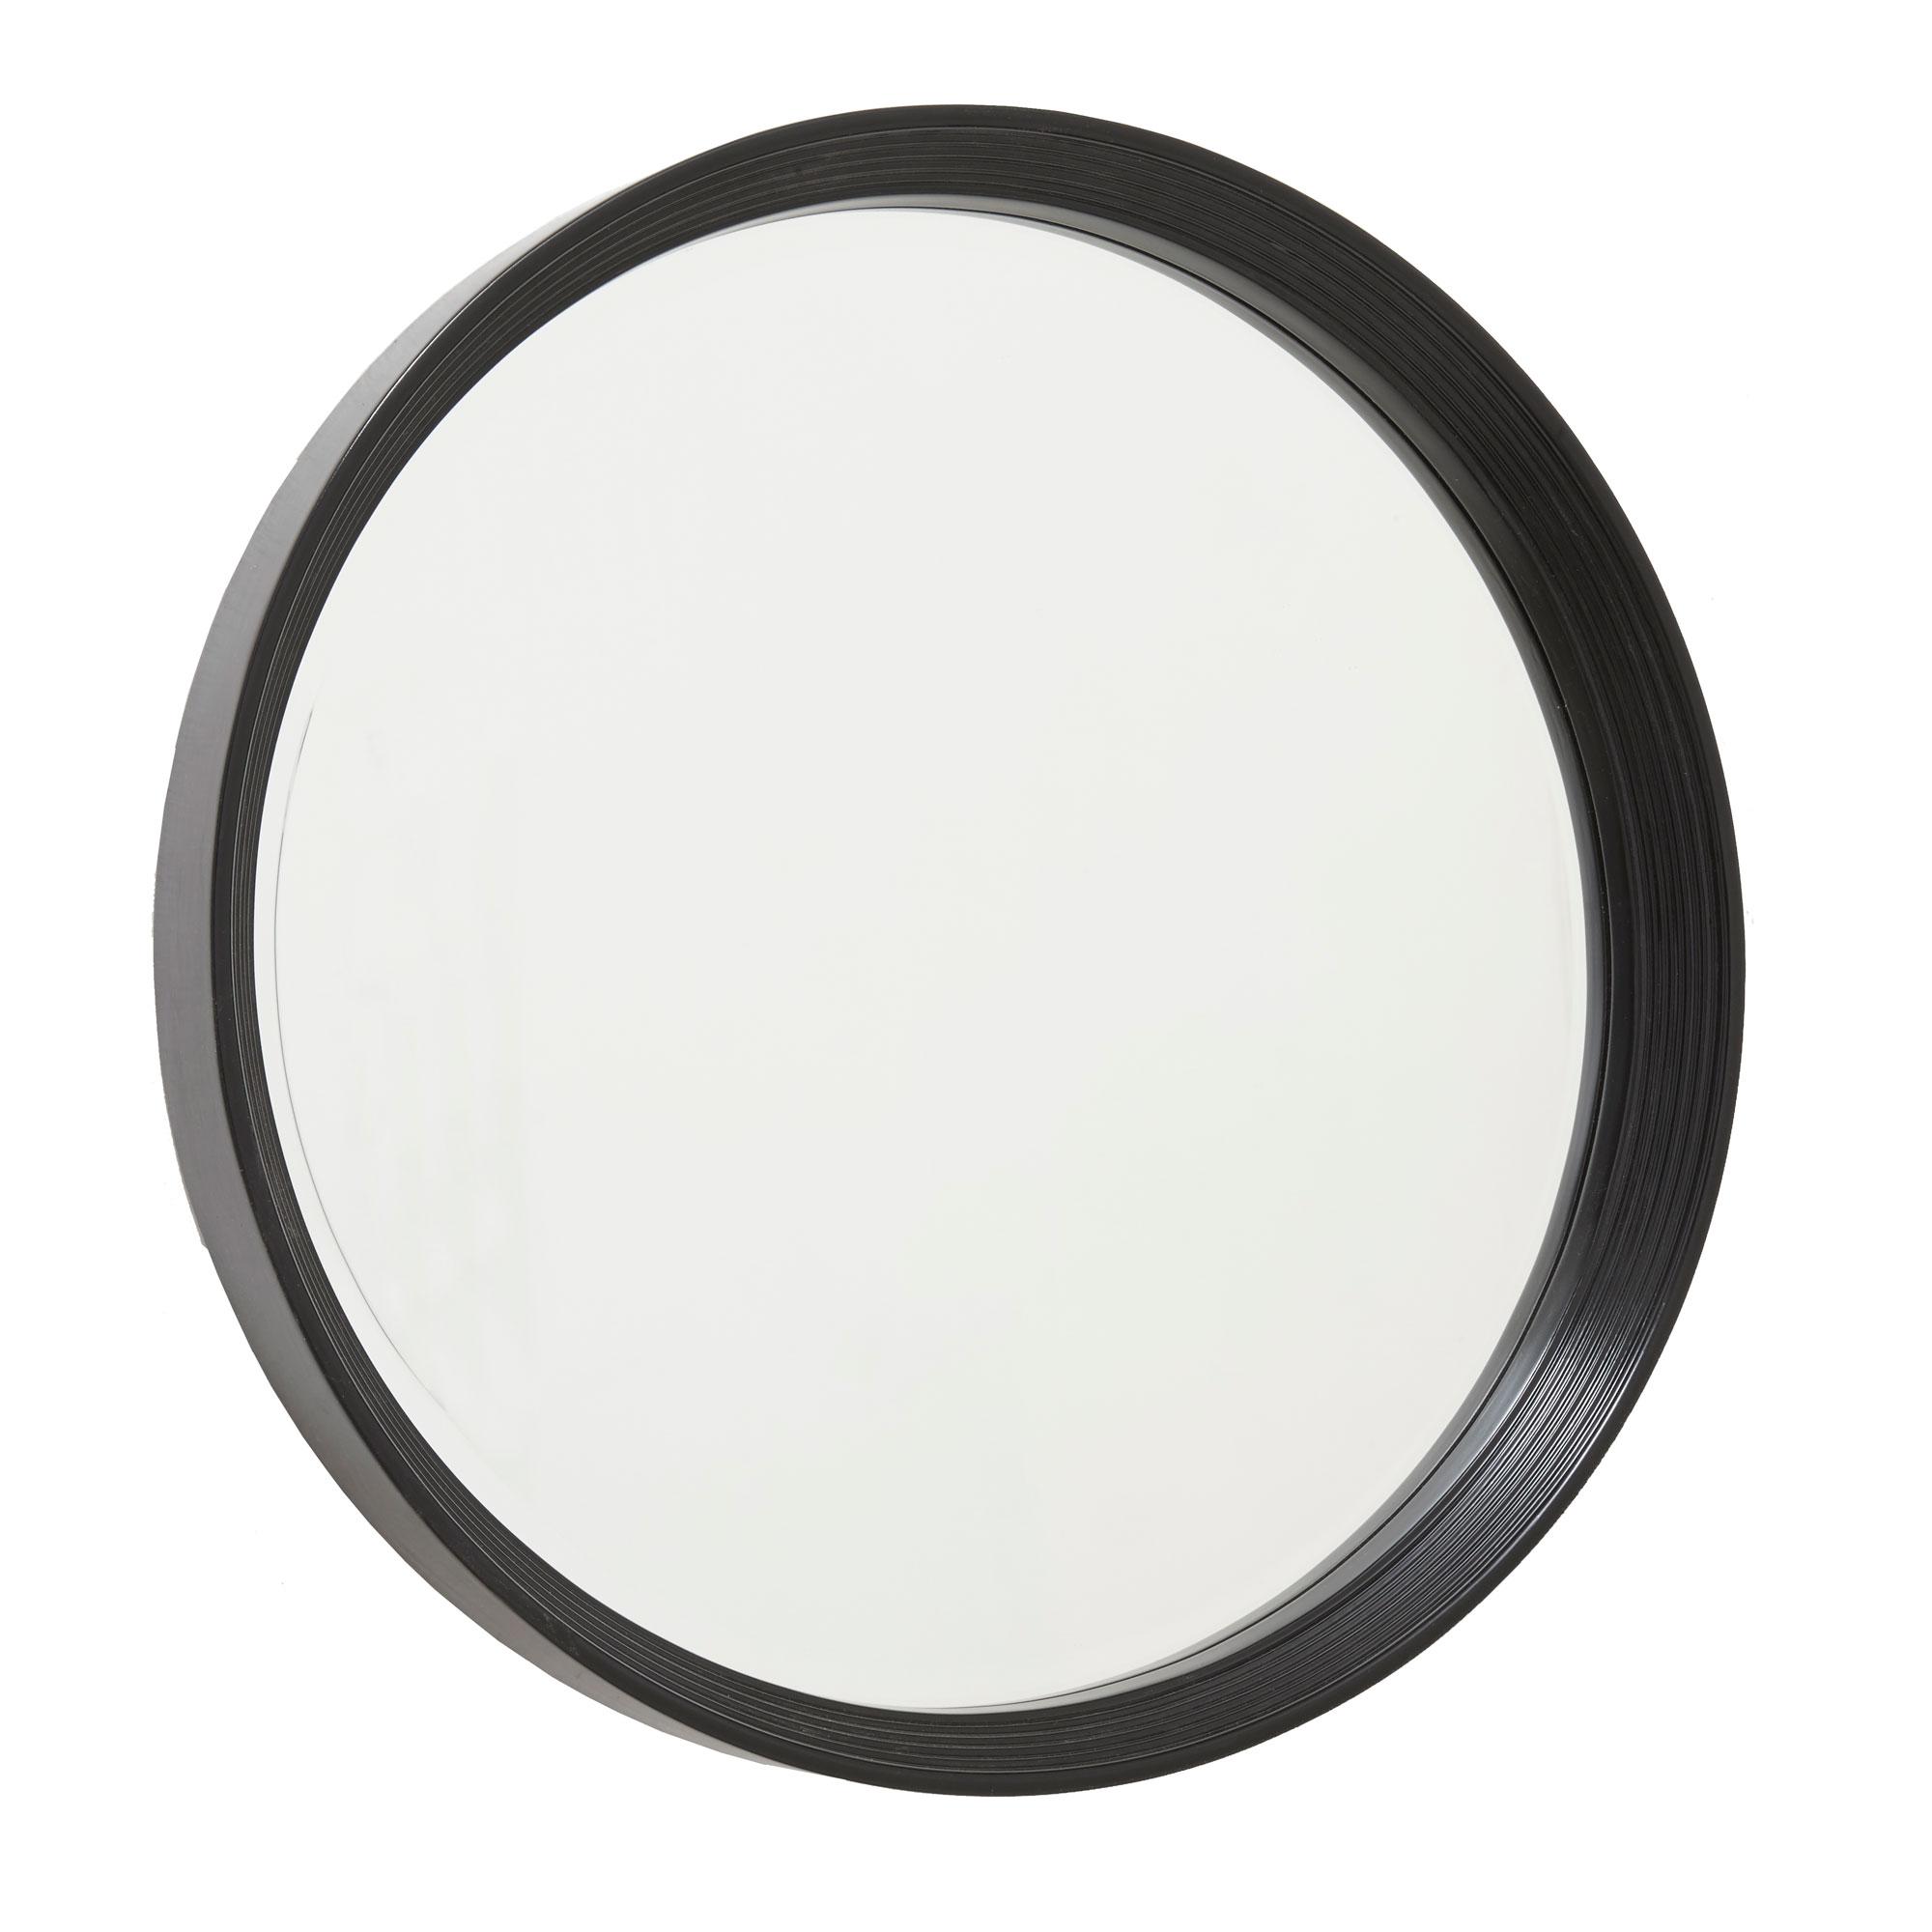 Galicia Mirror 7038 semi gloss black